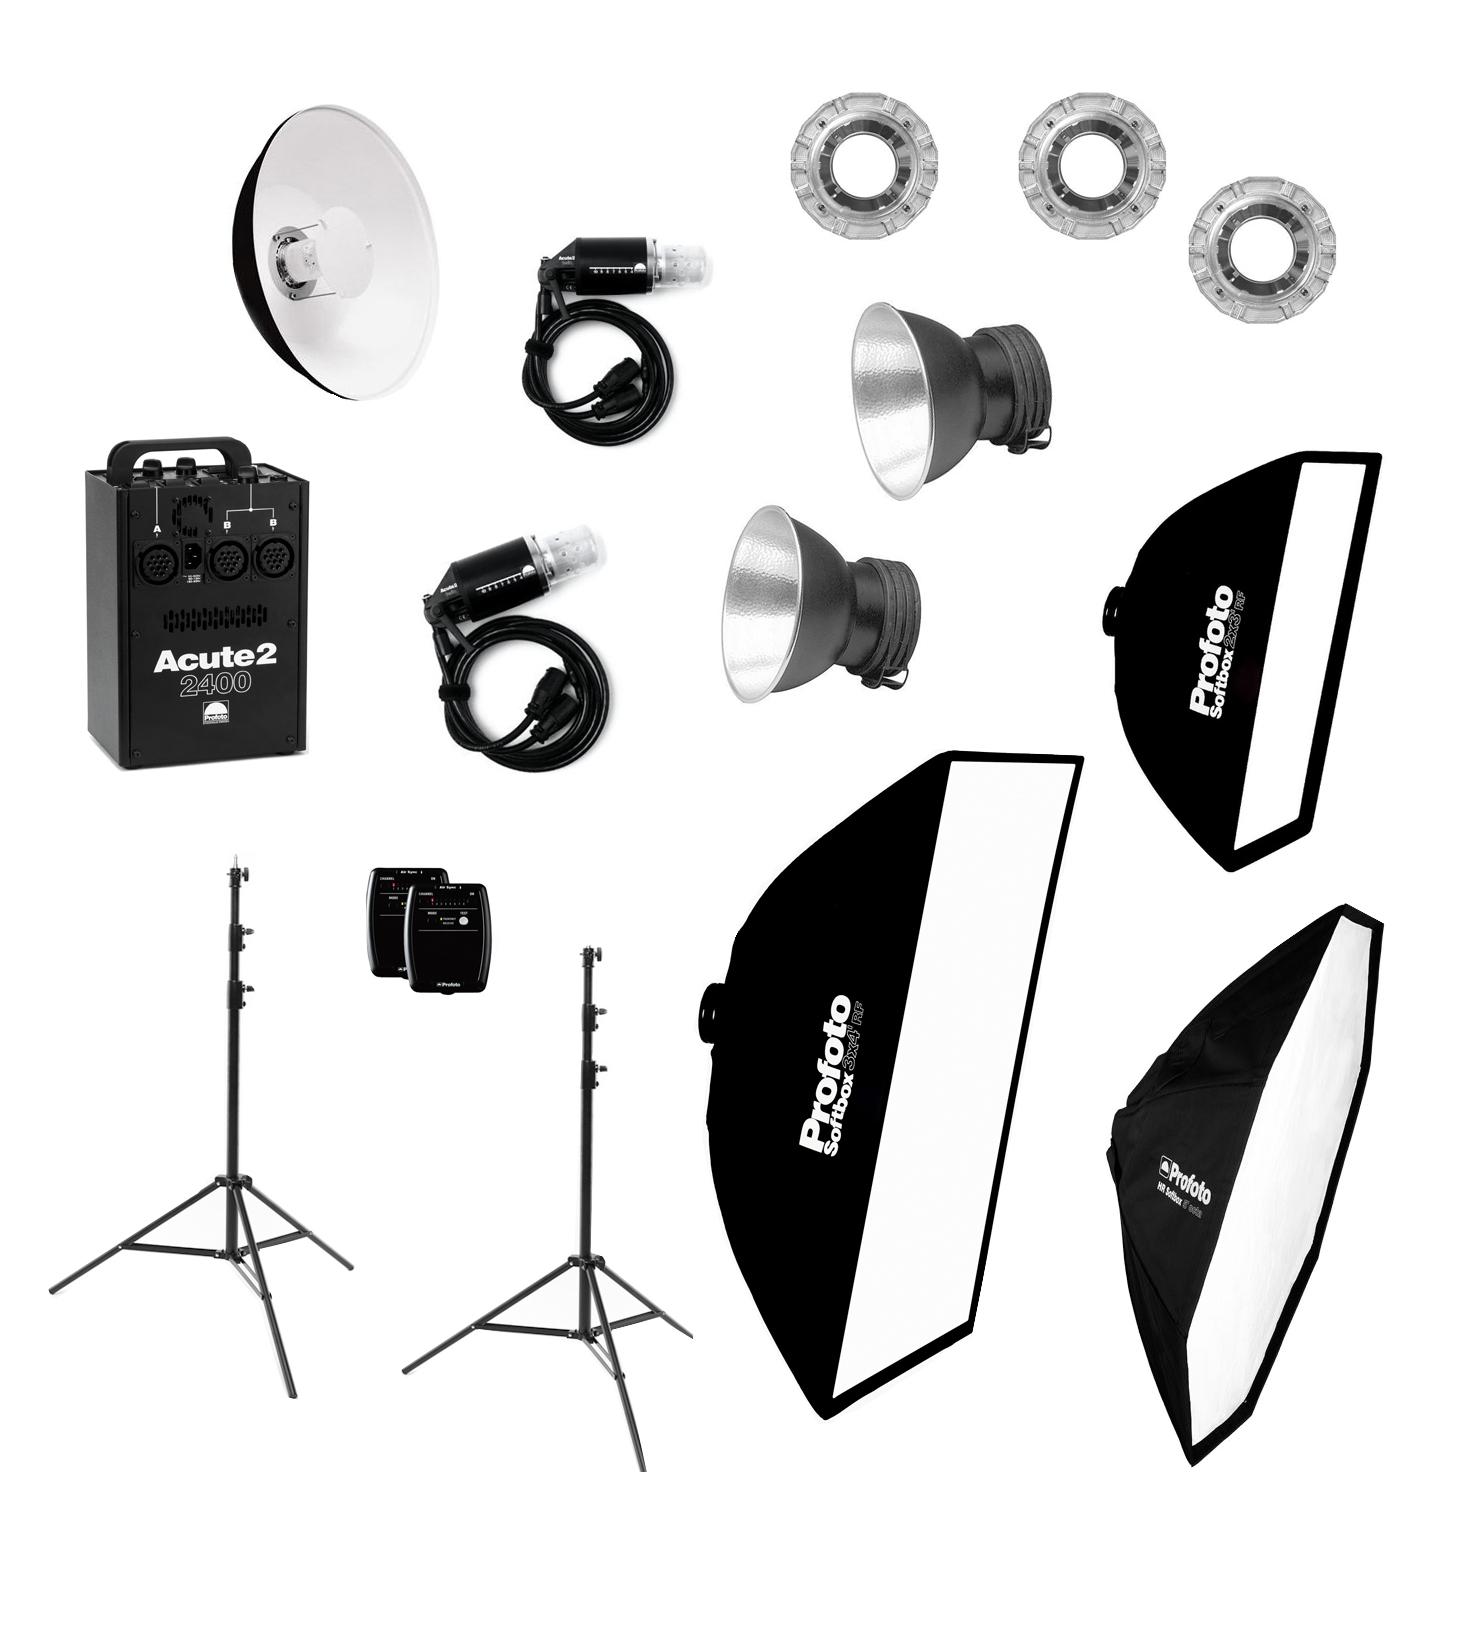 ProPhoto Lighting Equipment